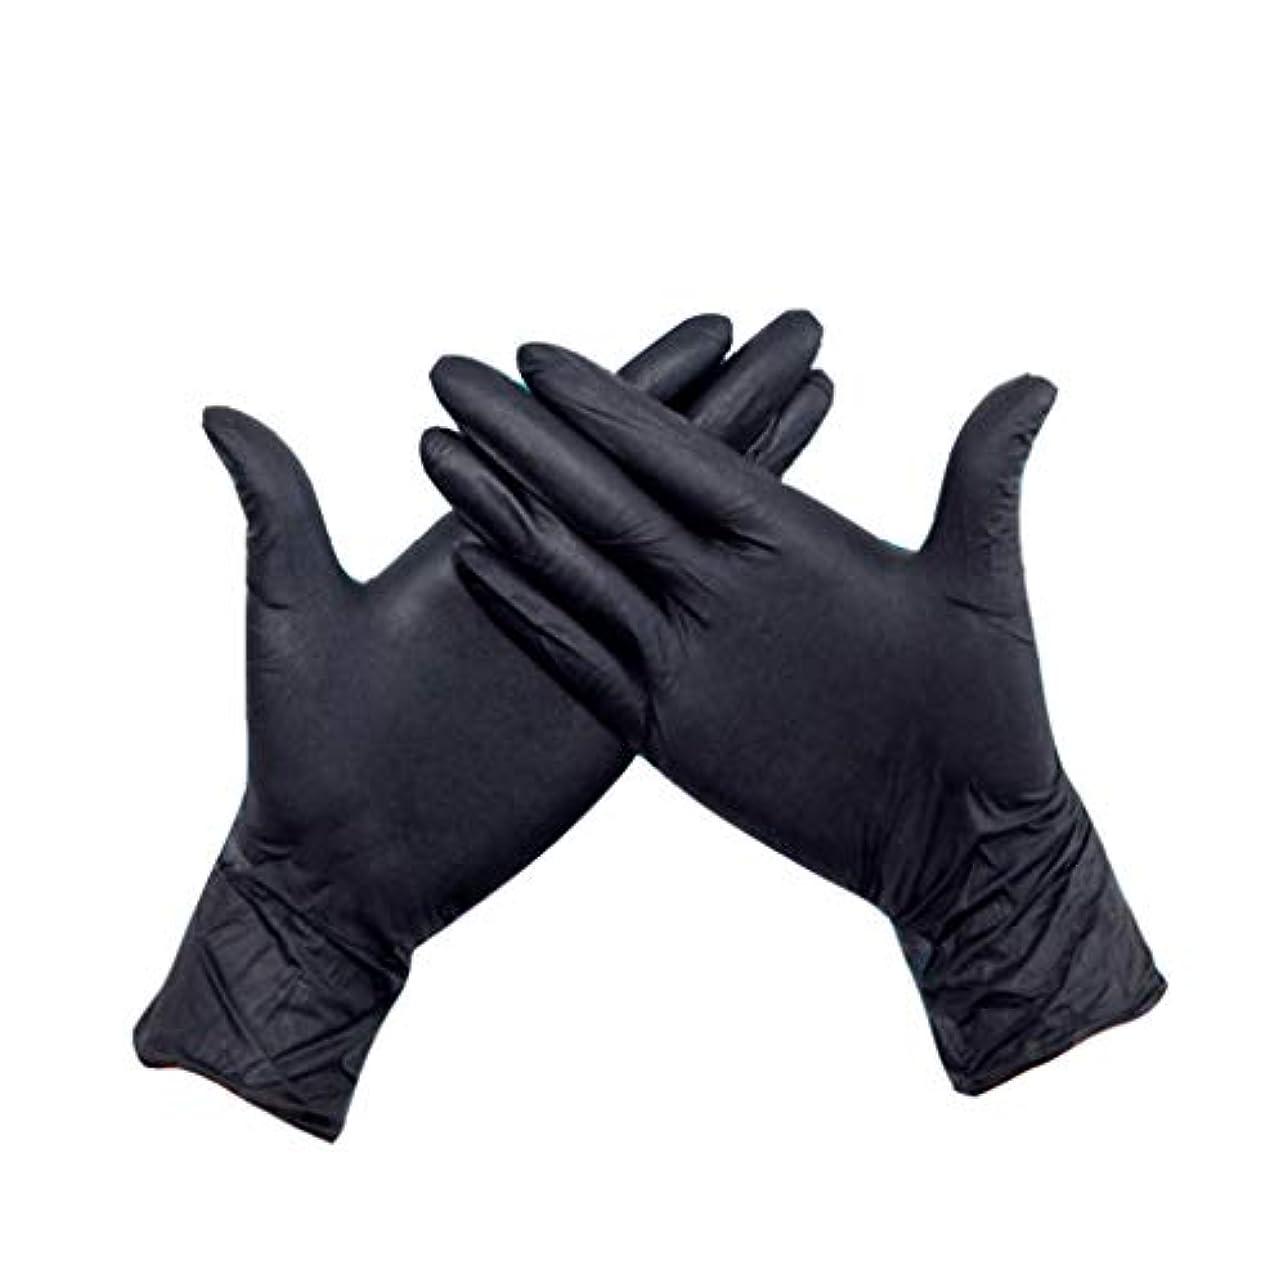 弁護士ガラス十分に手袋黒丁qing使い捨て手袋耐摩耗性耐酸アルカリ美しさとヘアケア手袋の厚い丁ding清グローブ200 (UnitCount : 300 only)